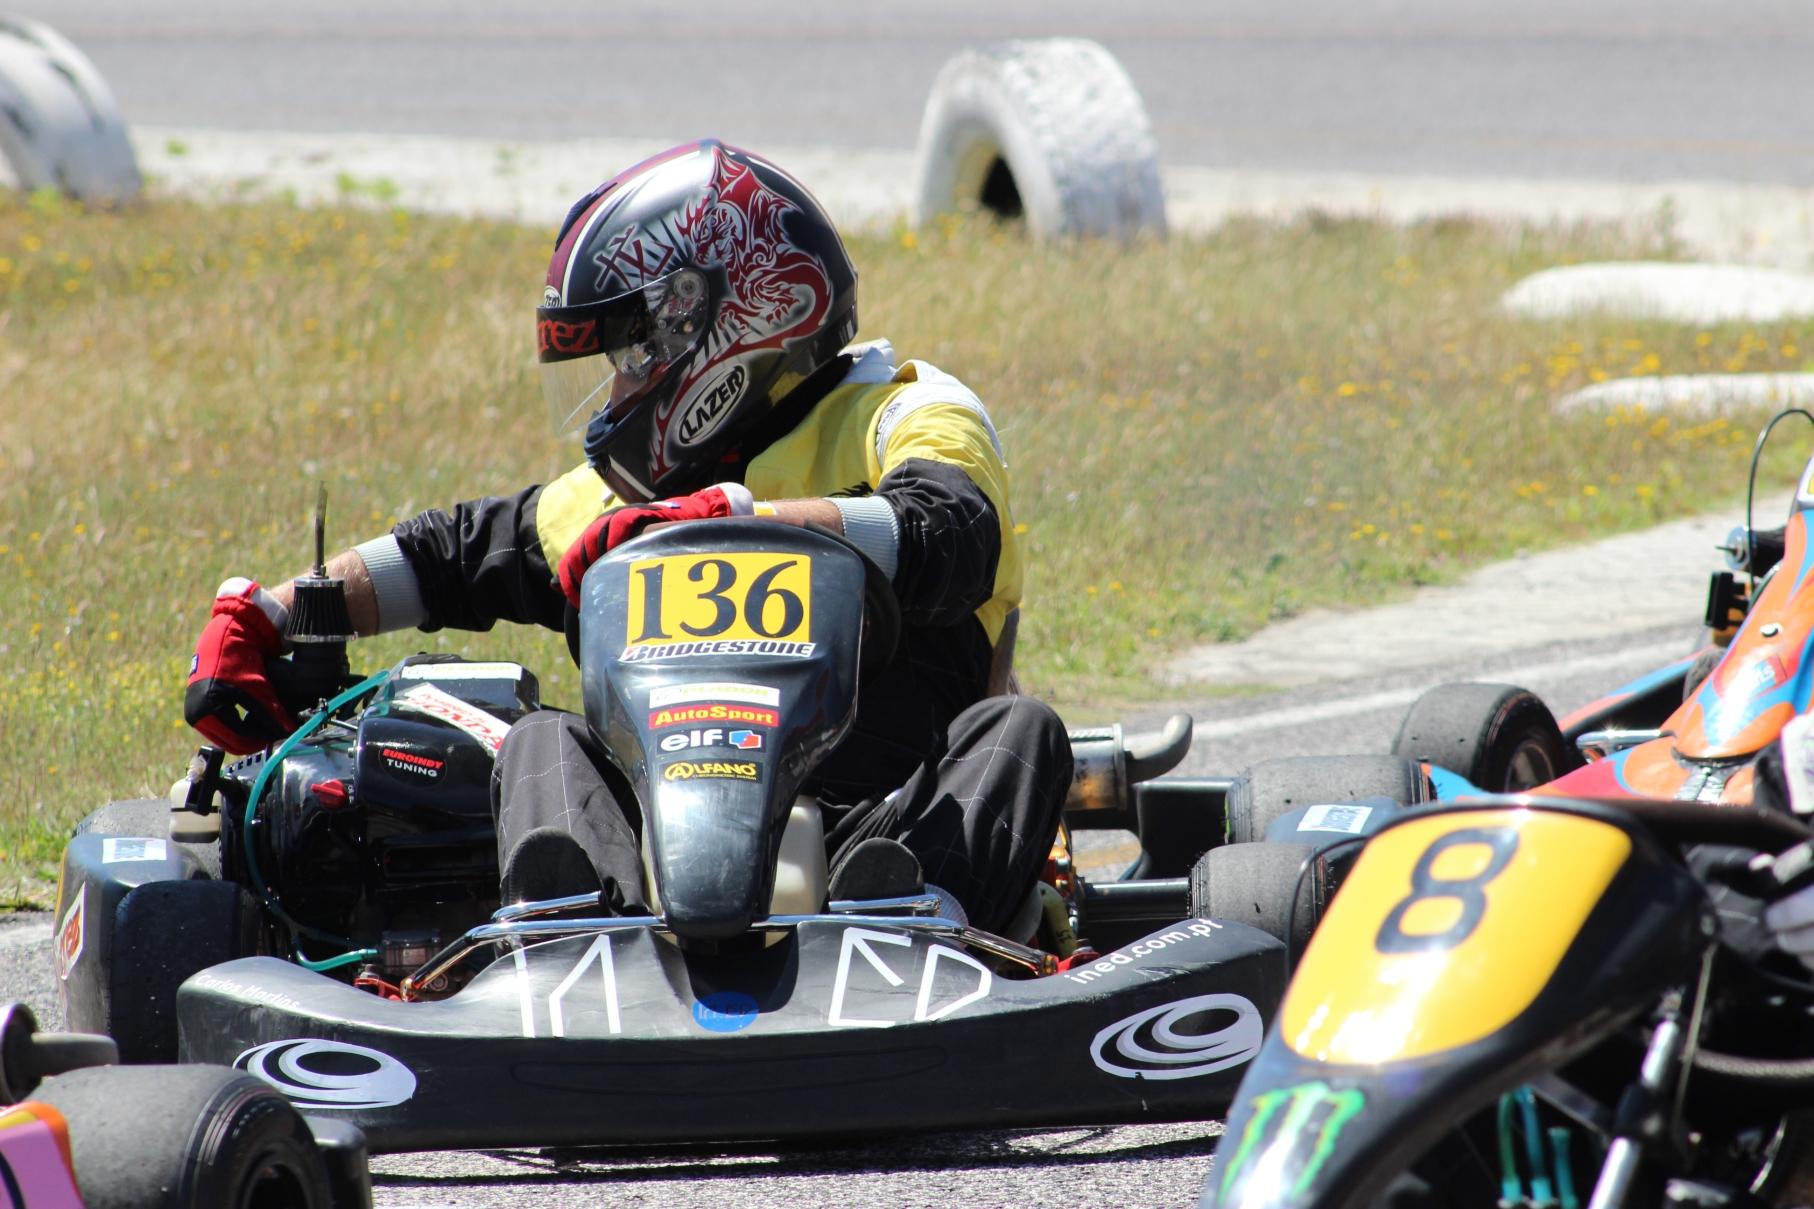 Troféu Honda 2014 - 1ª Prova17